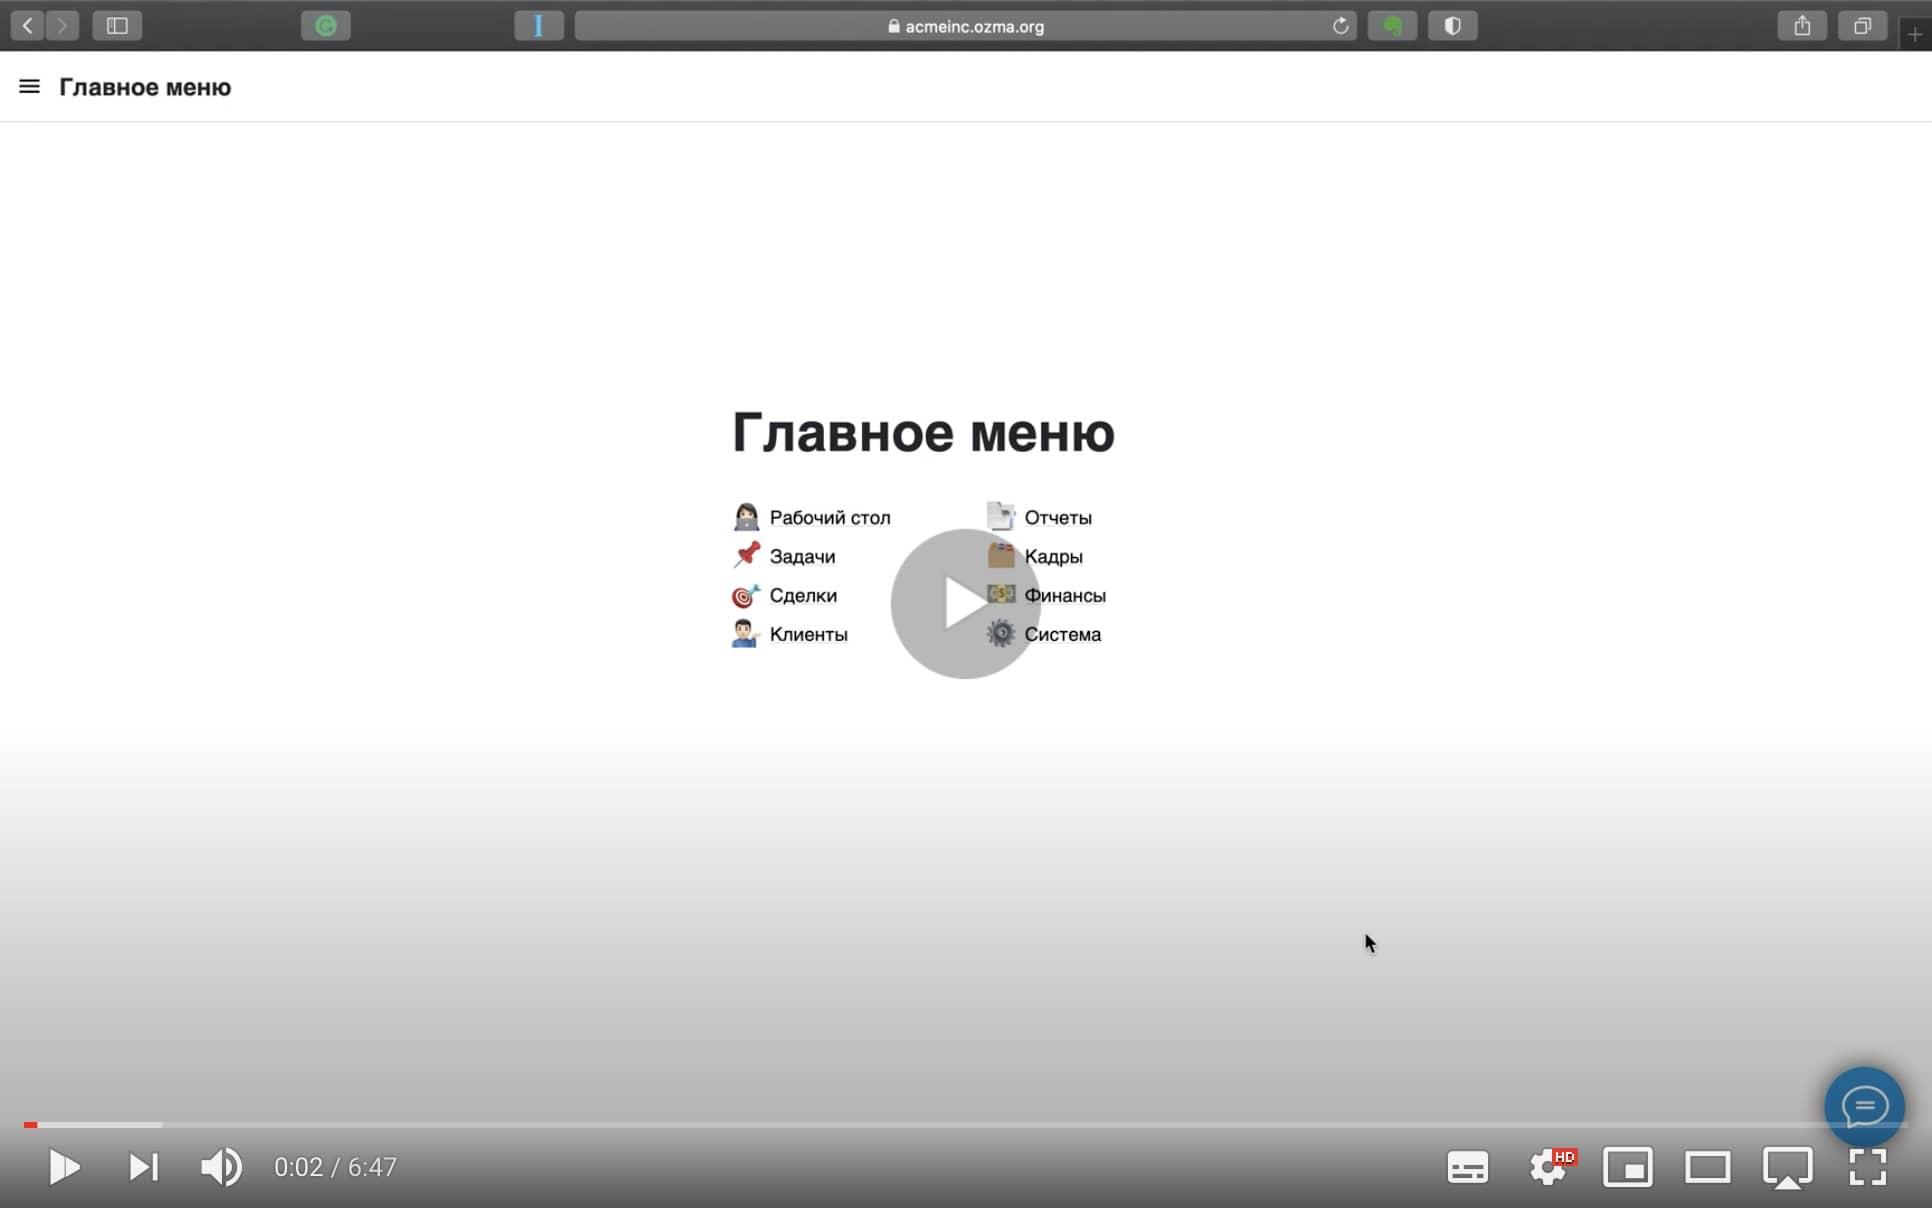 Пользовательские_предстваления